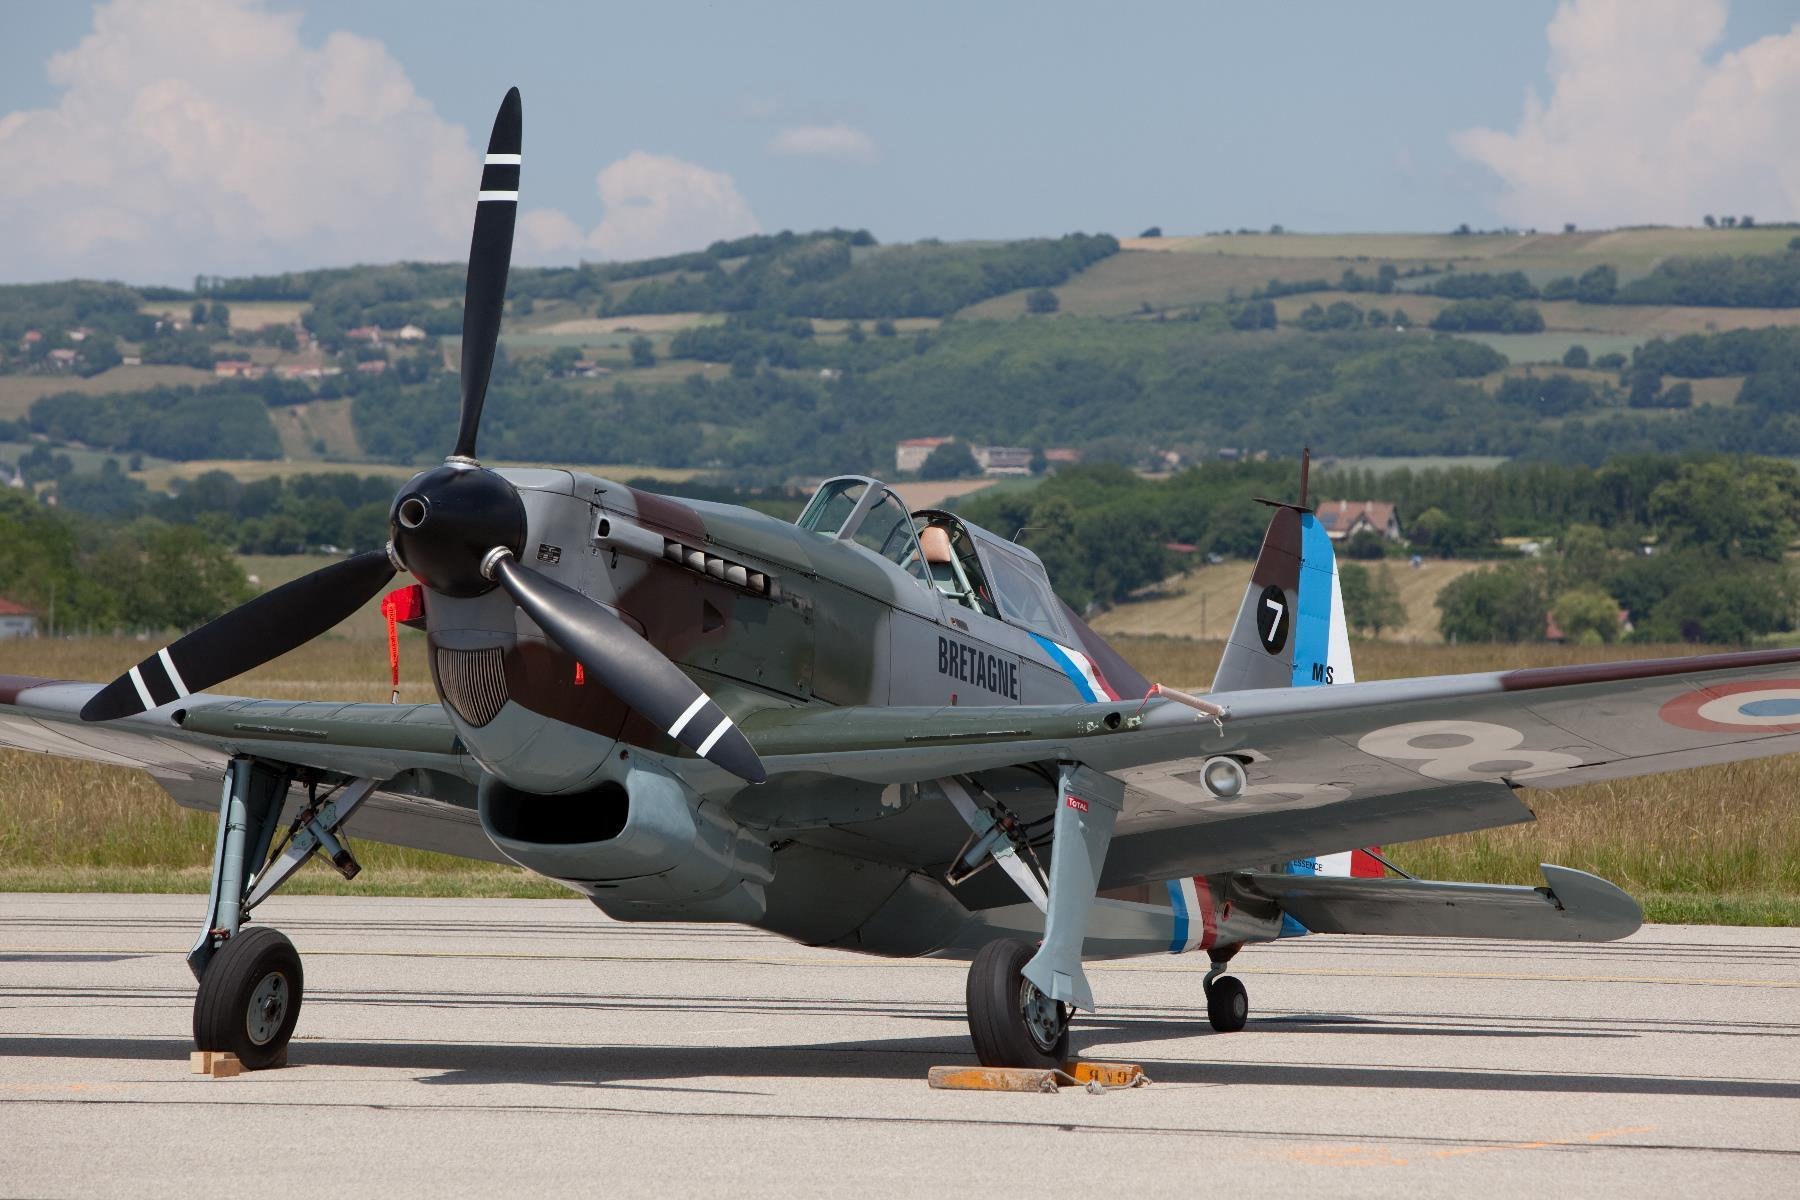 avions-de-chasse_avions-militaires_photos-HD_02